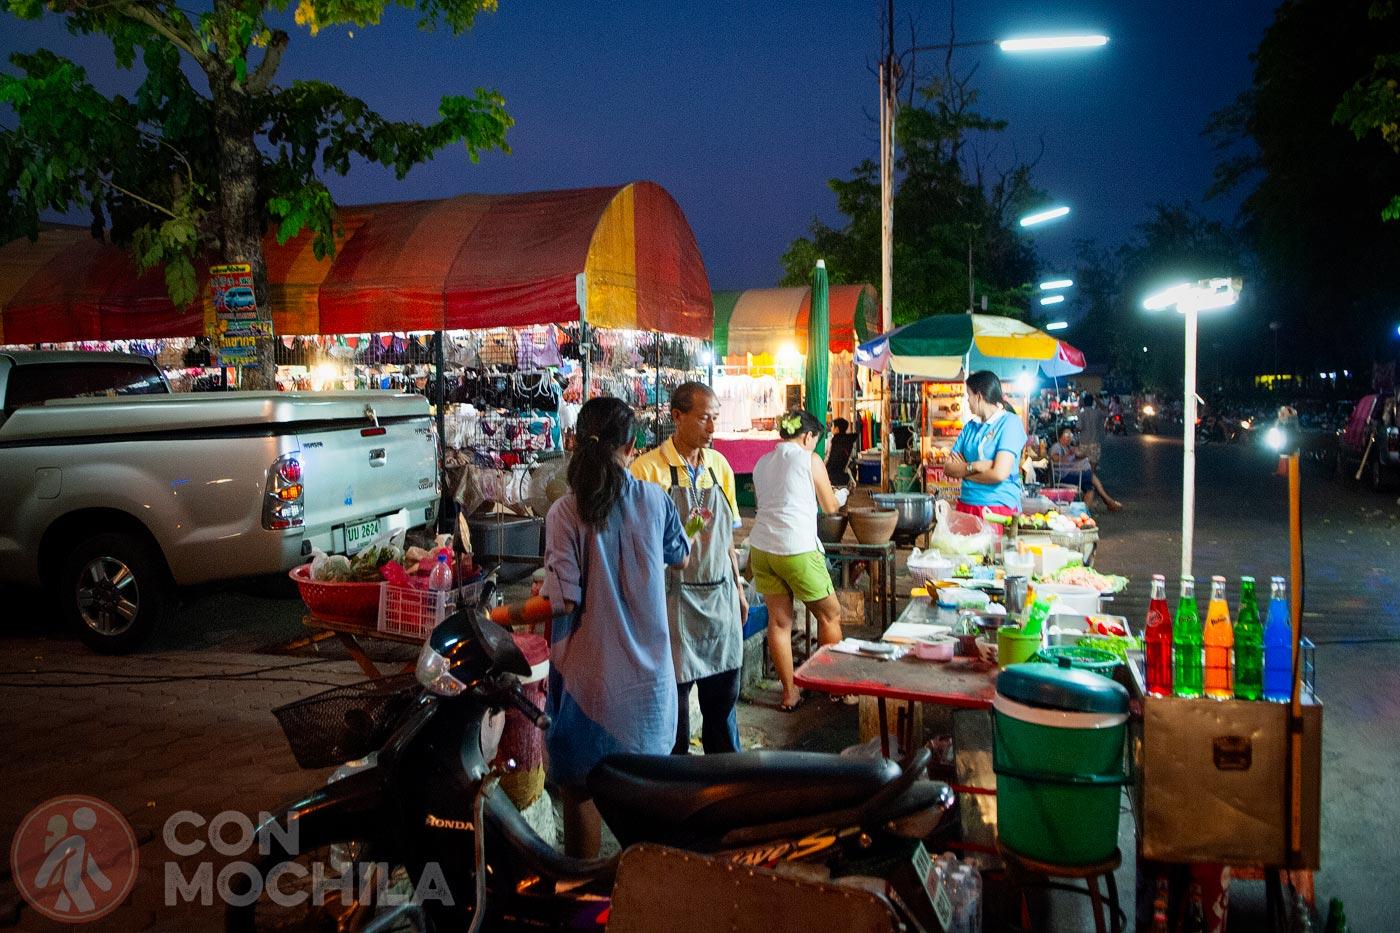 Otra vista del night market de Kanchanaburi